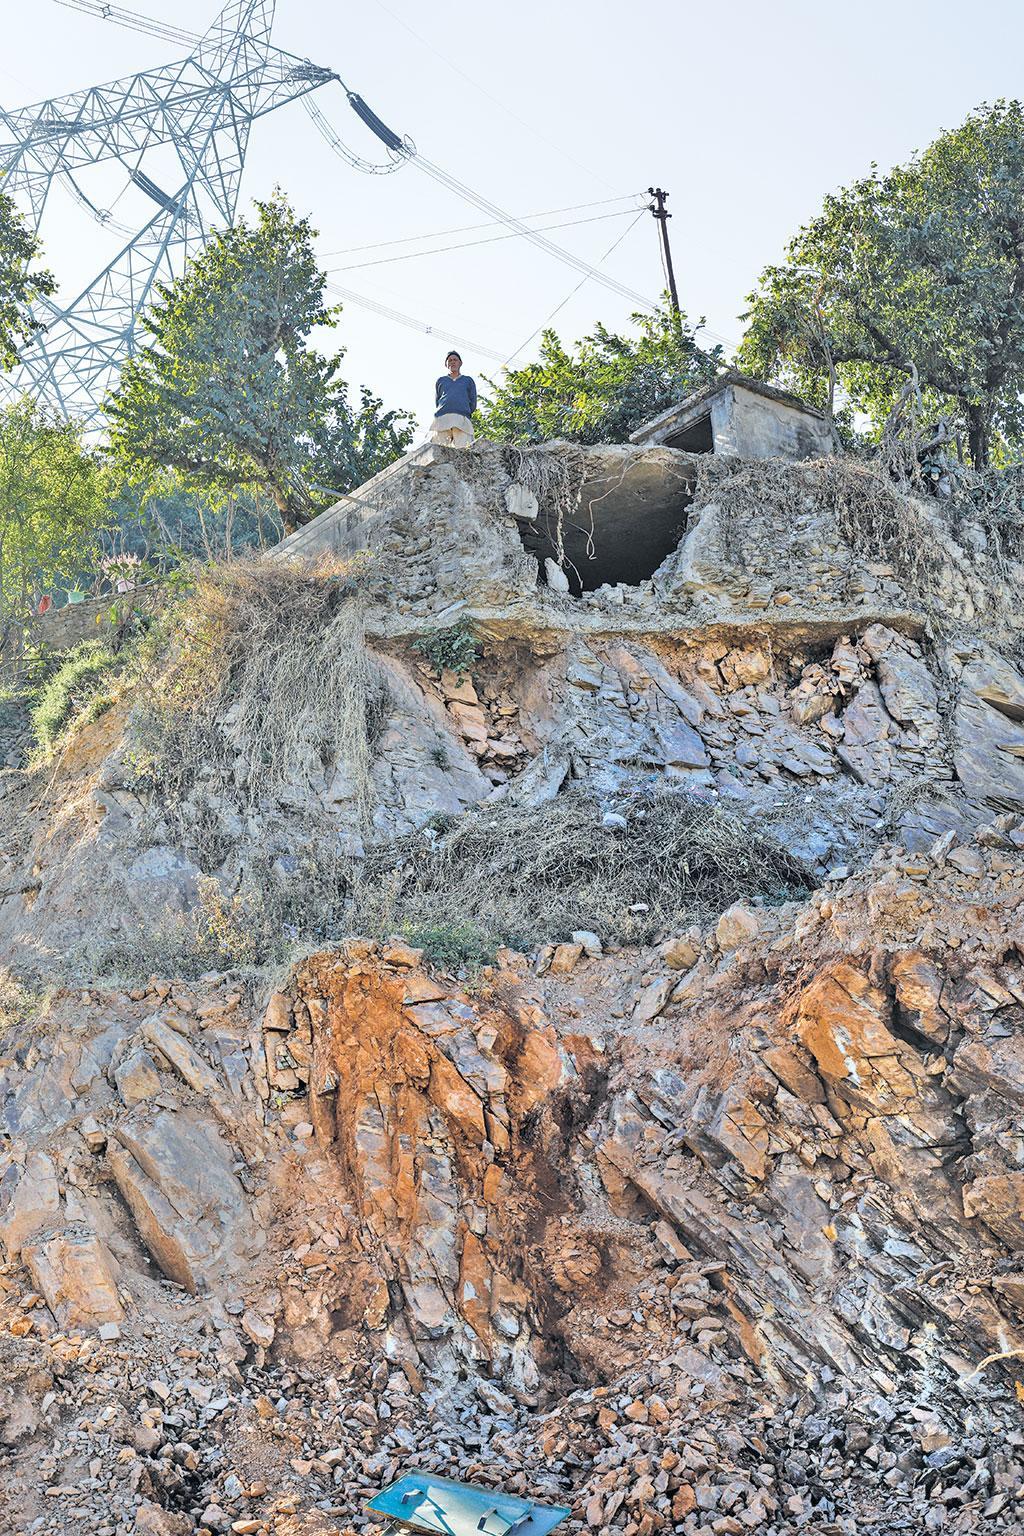 पहाड़ों को काटने की गतिविधियों ने ऊपरी गांवों और अन्य निर्माणों को बेहद खतरनाक स्थिति में पहुंचा दिया है। आगराखाल नगर में क्षेत्र के टेलिफोन एक्सचेंज हवा में लटक रहे हैं